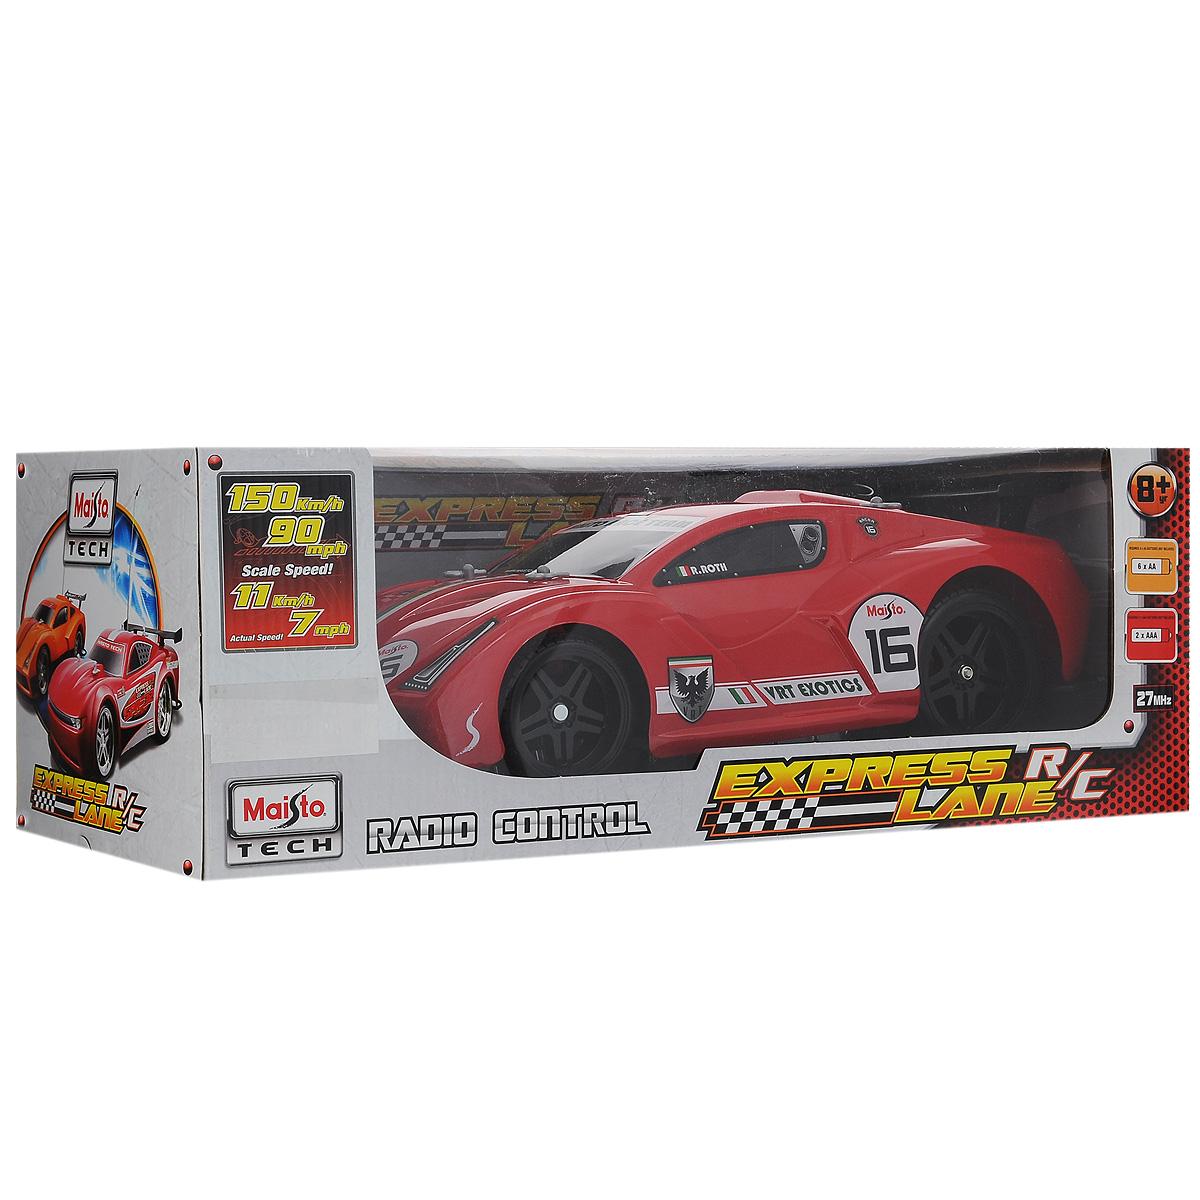 Радиоуправляемая модель Maisto `Express Lane VRT-16`, цвет: красный. Масштаб 1/14